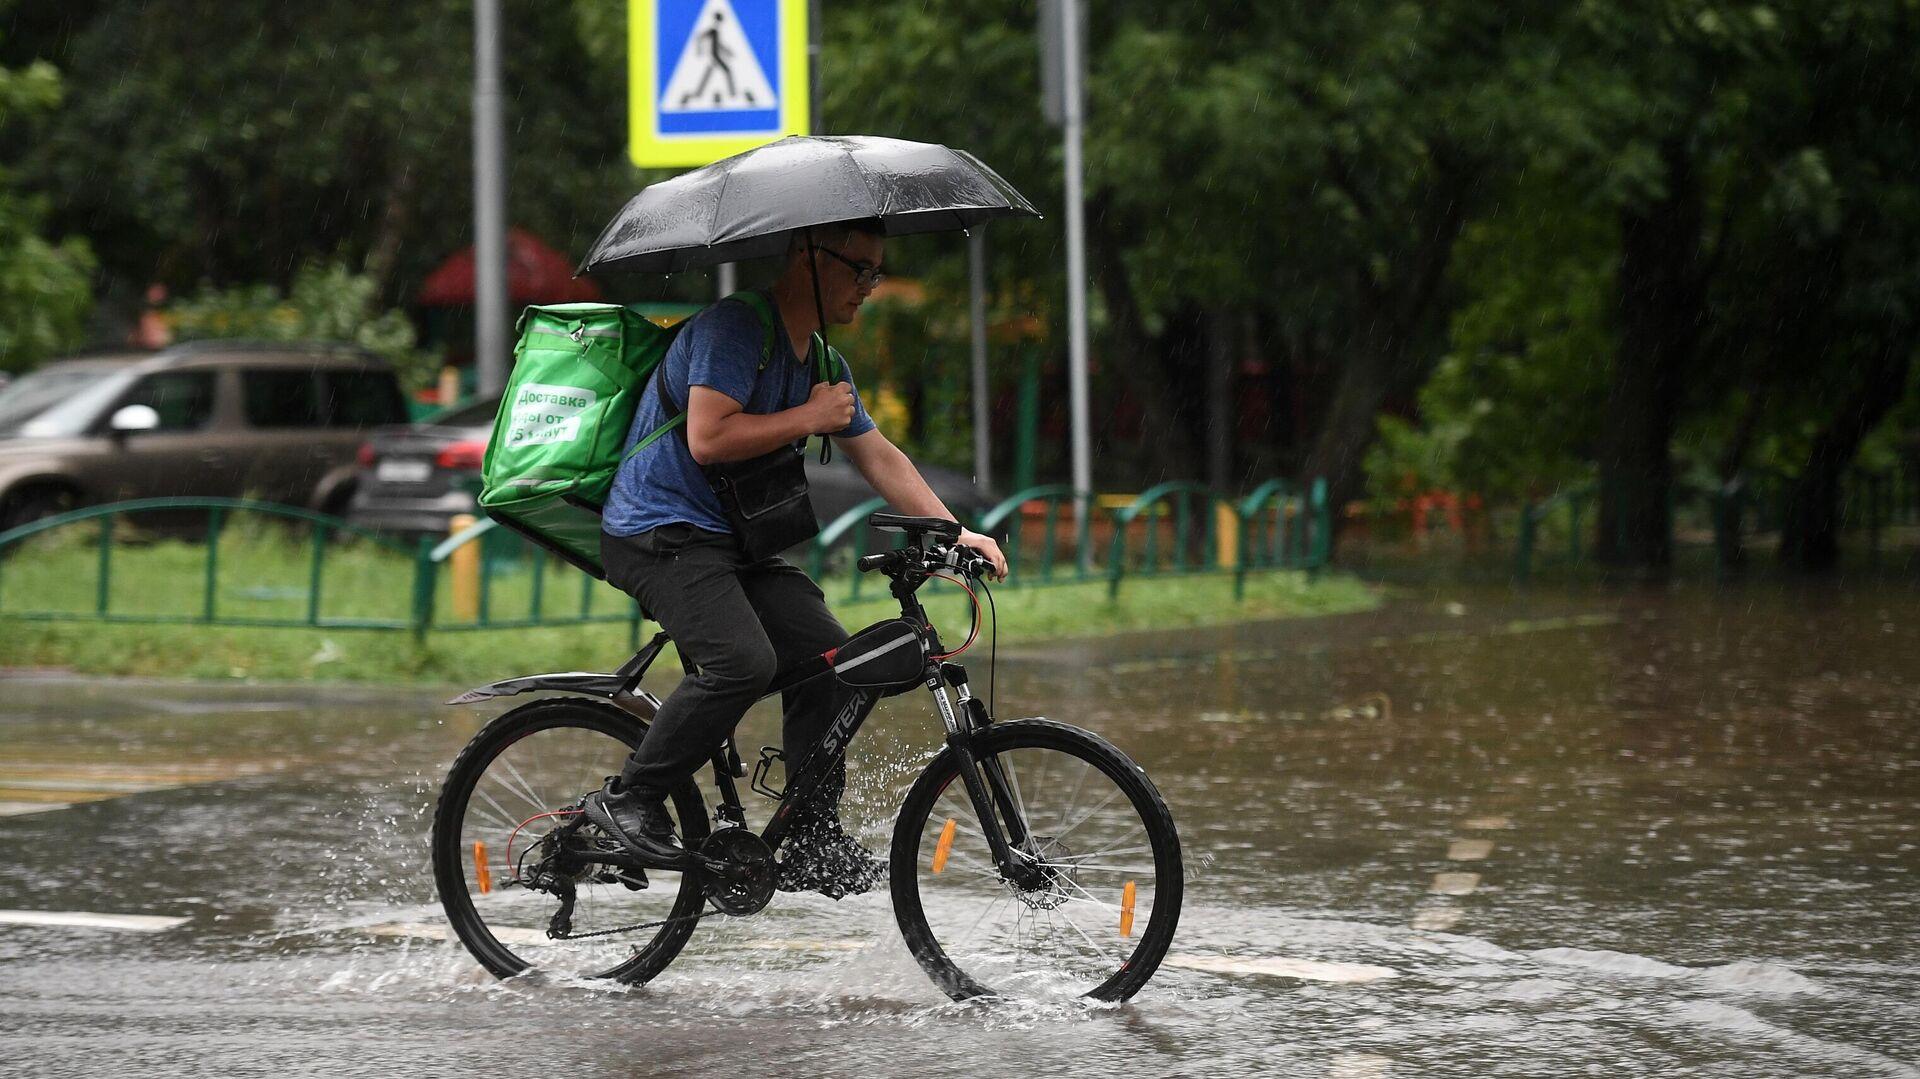 Мужчина едет на велосипеде по одной из улиц в Москве во время дождя - РИА Новости, 1920, 02.08.2021